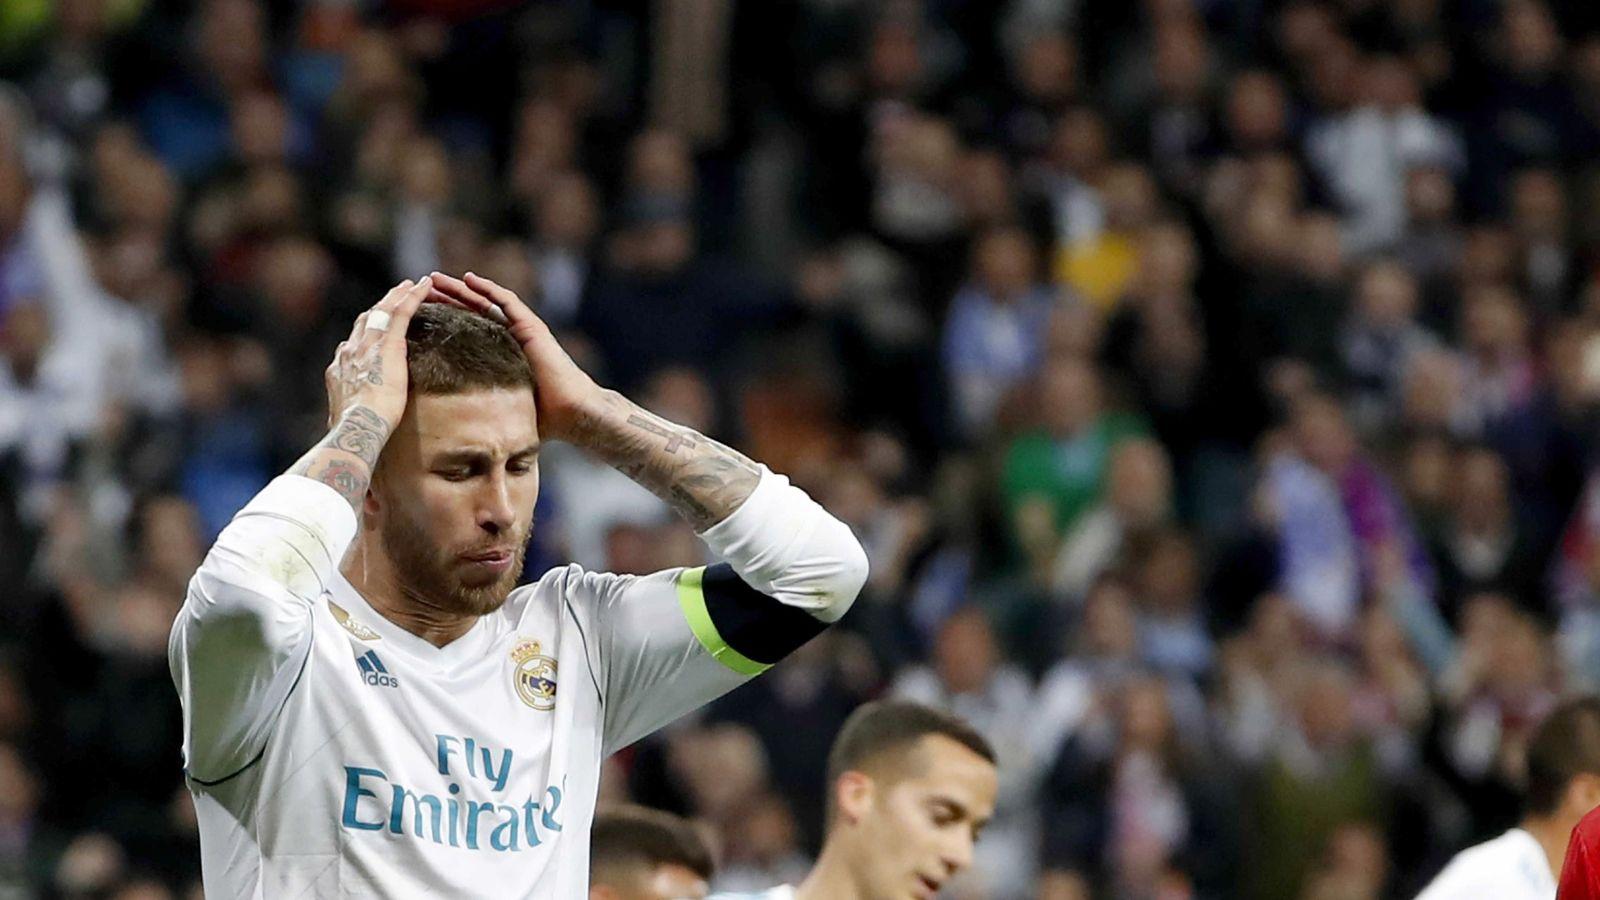 Foto: Sergio Ramos se lleva las manos a la cabeza tras una derrota del Real Madrid en la Liga. (EFE)